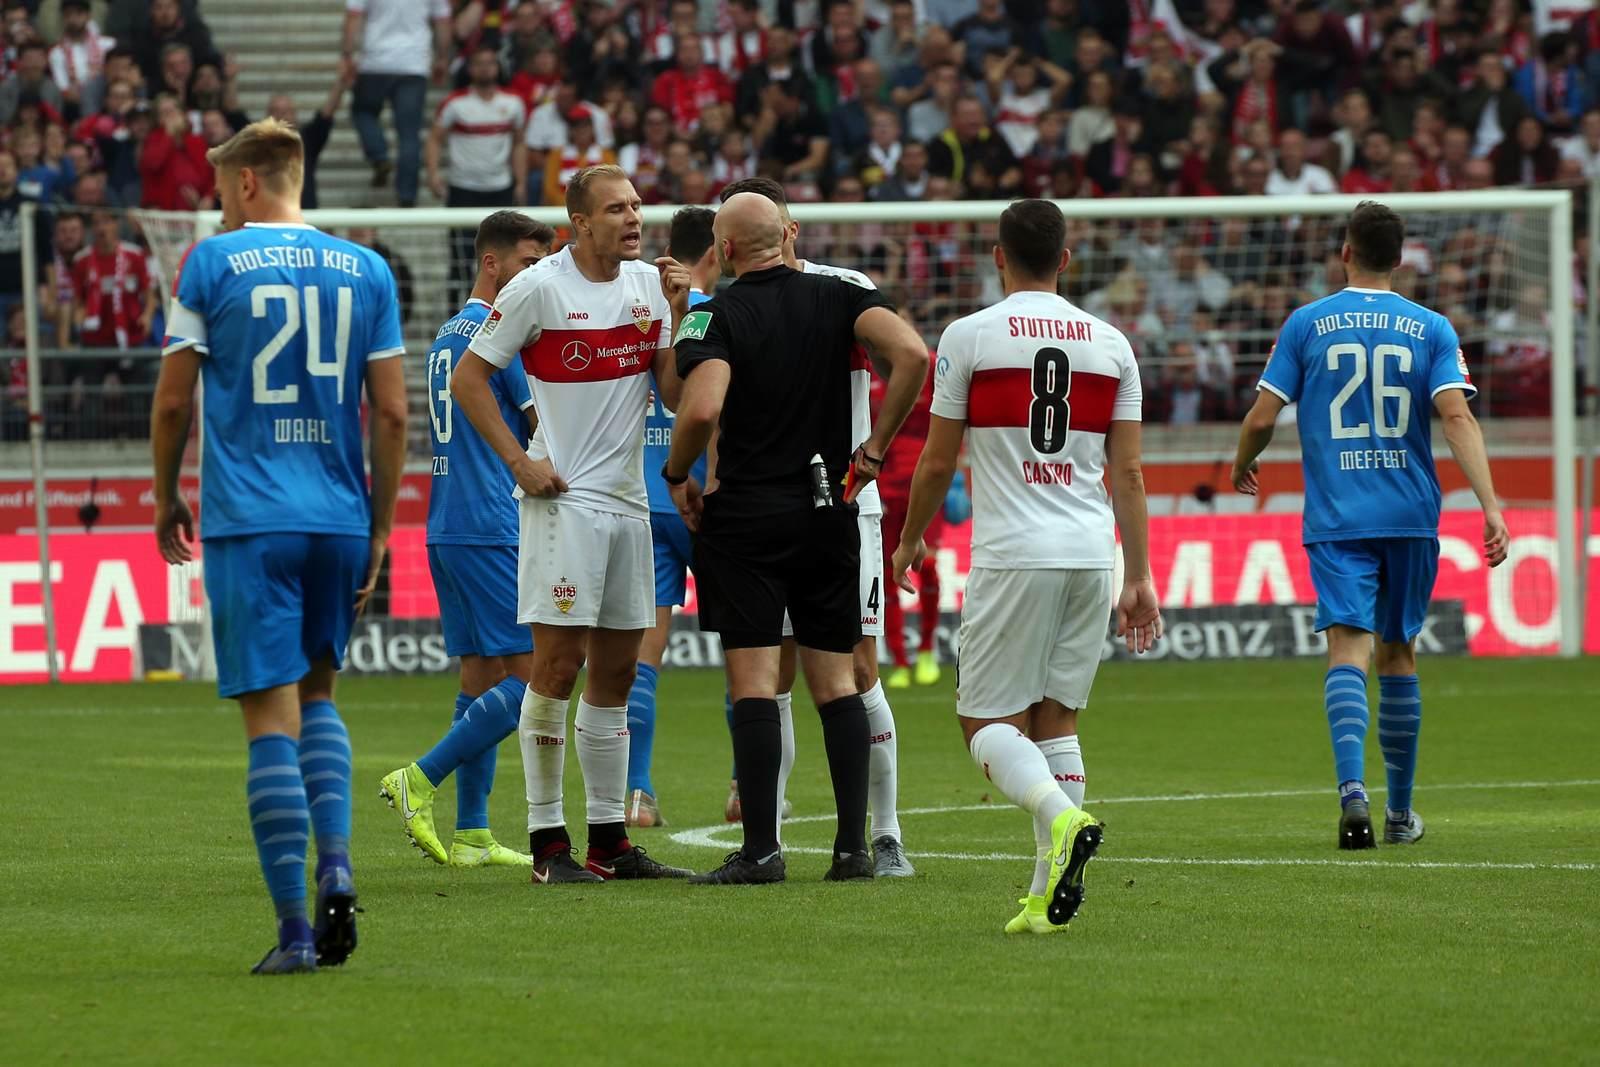 Benedikt Kempkes zeigt Holger Badstuber die rote Karte